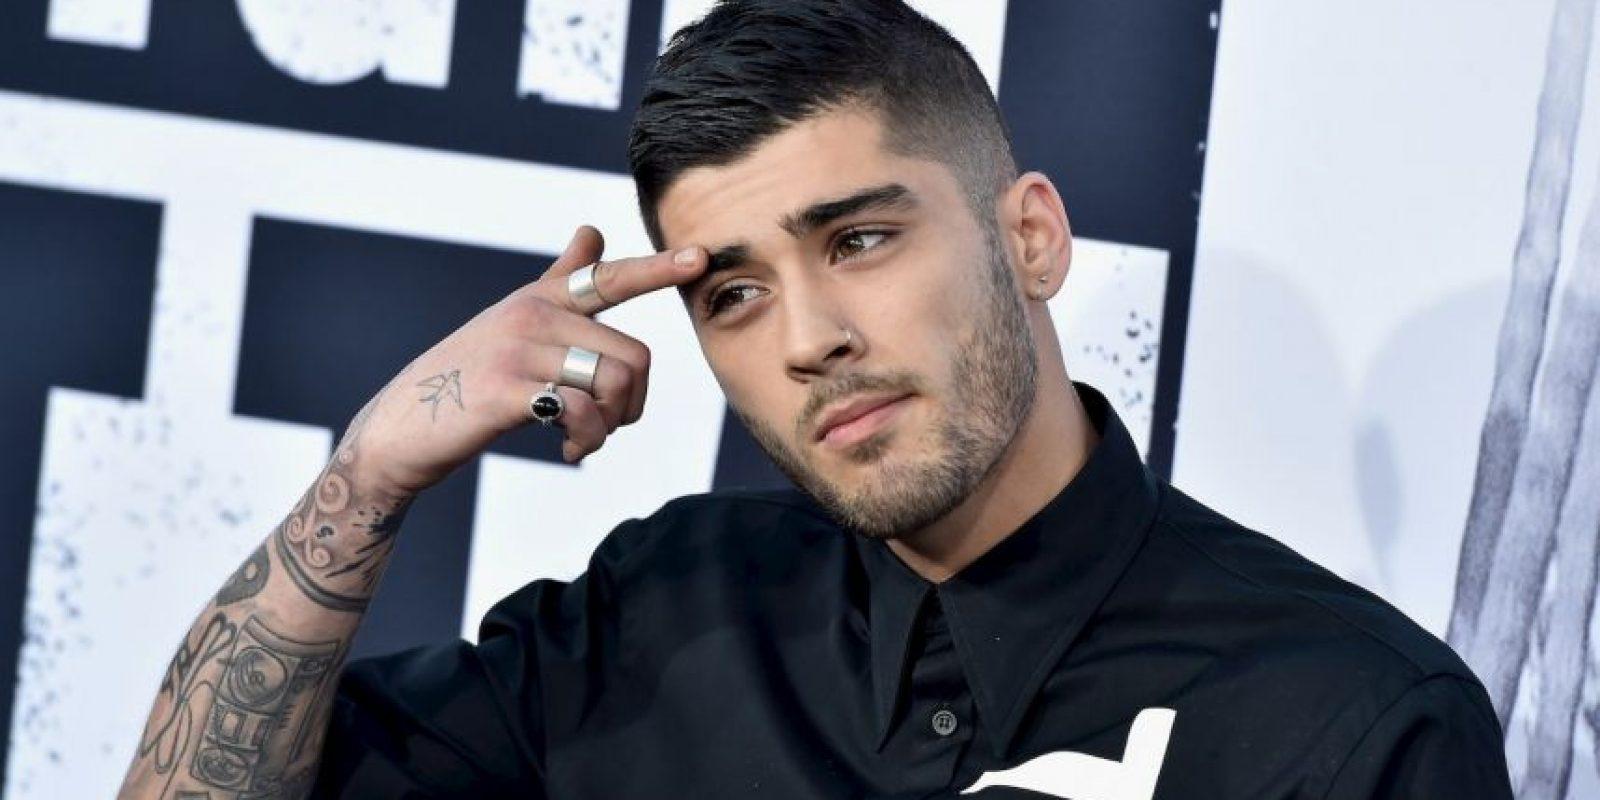 """Gómez recibió el premio a """"Mejor video pop"""" de manos de Zayn Malik, quien aún formaba parte de One Direction. Foto:Getty Images"""